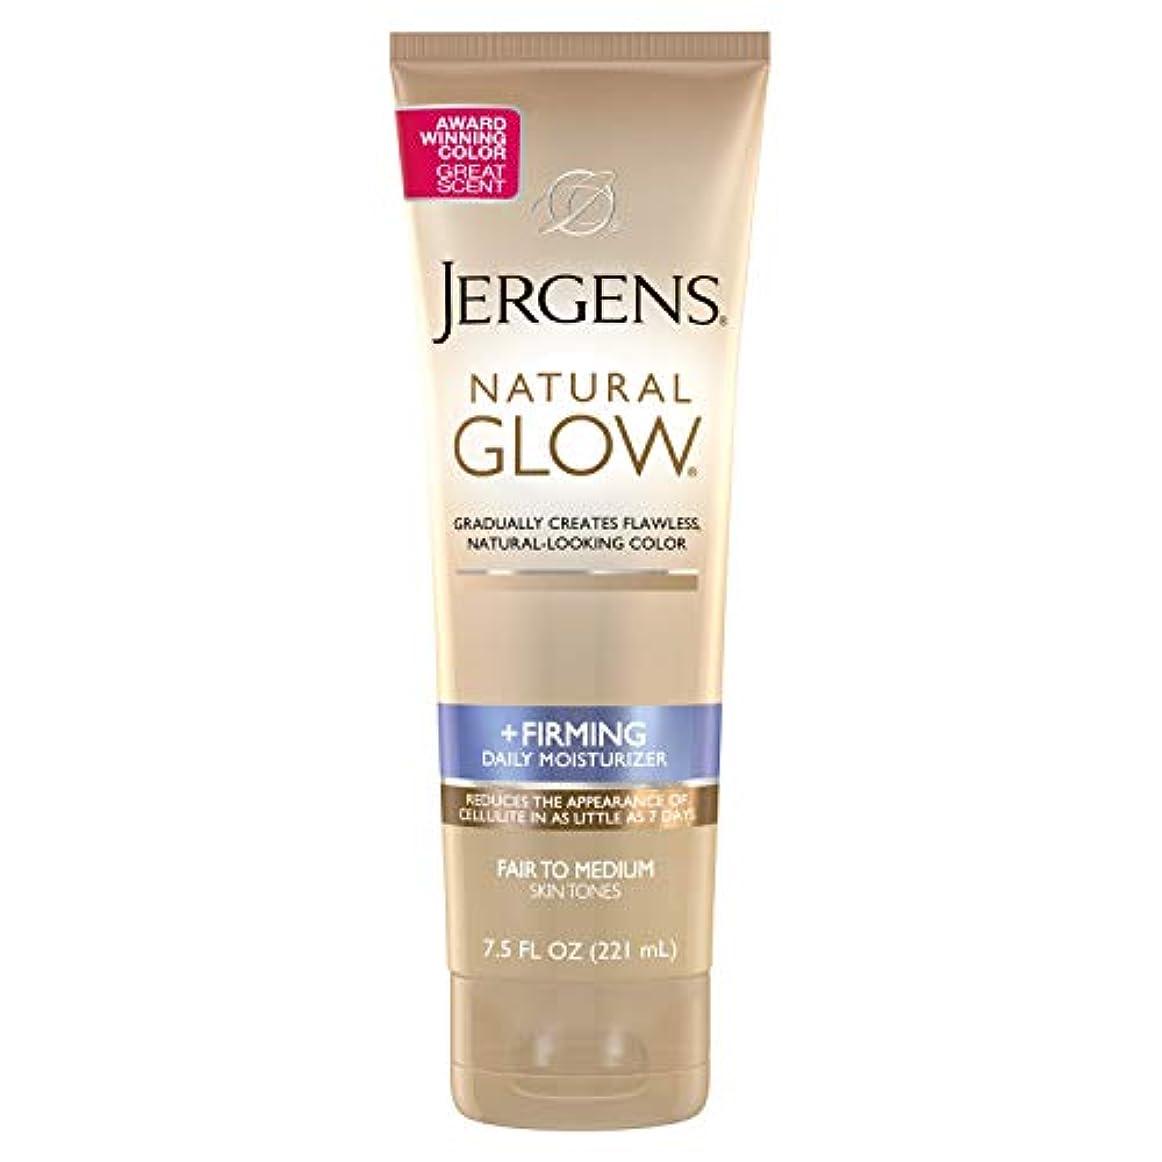 投げ捨てるスプレー彼らNatural Glow Firming Moisturizer for Fair to Mediu Jergens 7.5 oz Moisturizer For Unisex (並行輸入品) [並行輸入品]